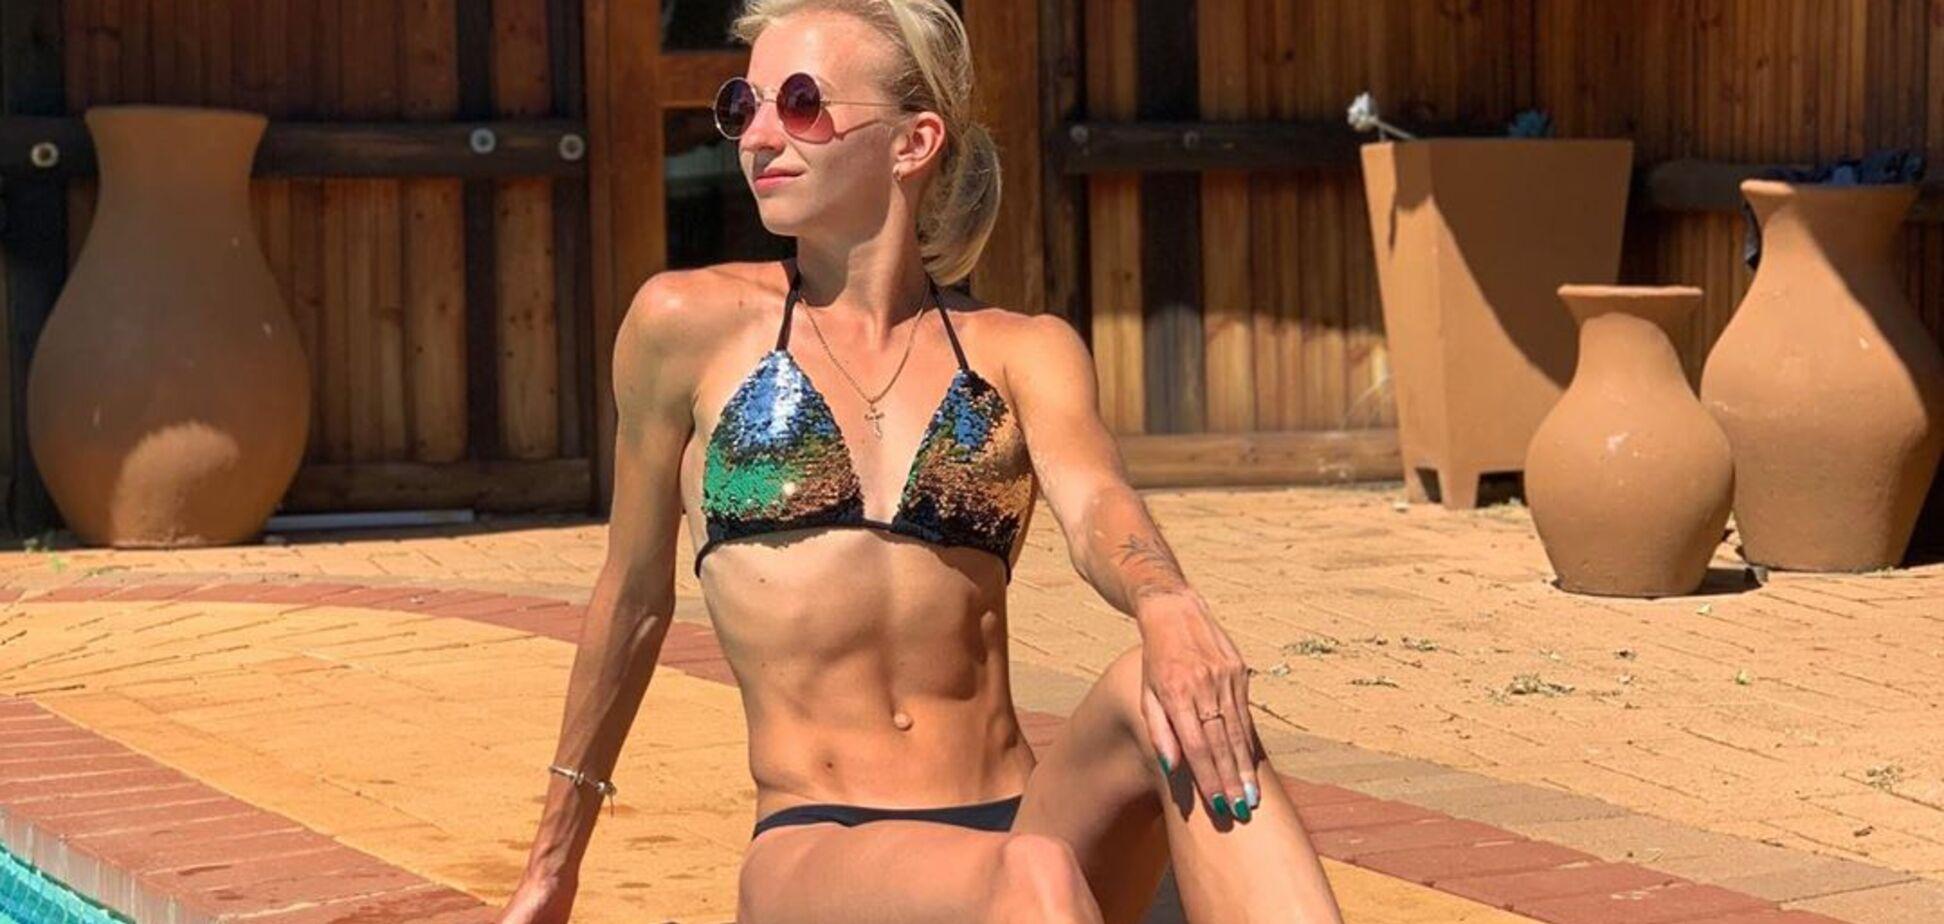 Українська легкоатлетка, яка знімалась оголеною в Криму, похвалилася ідеальним тілом в купальнику